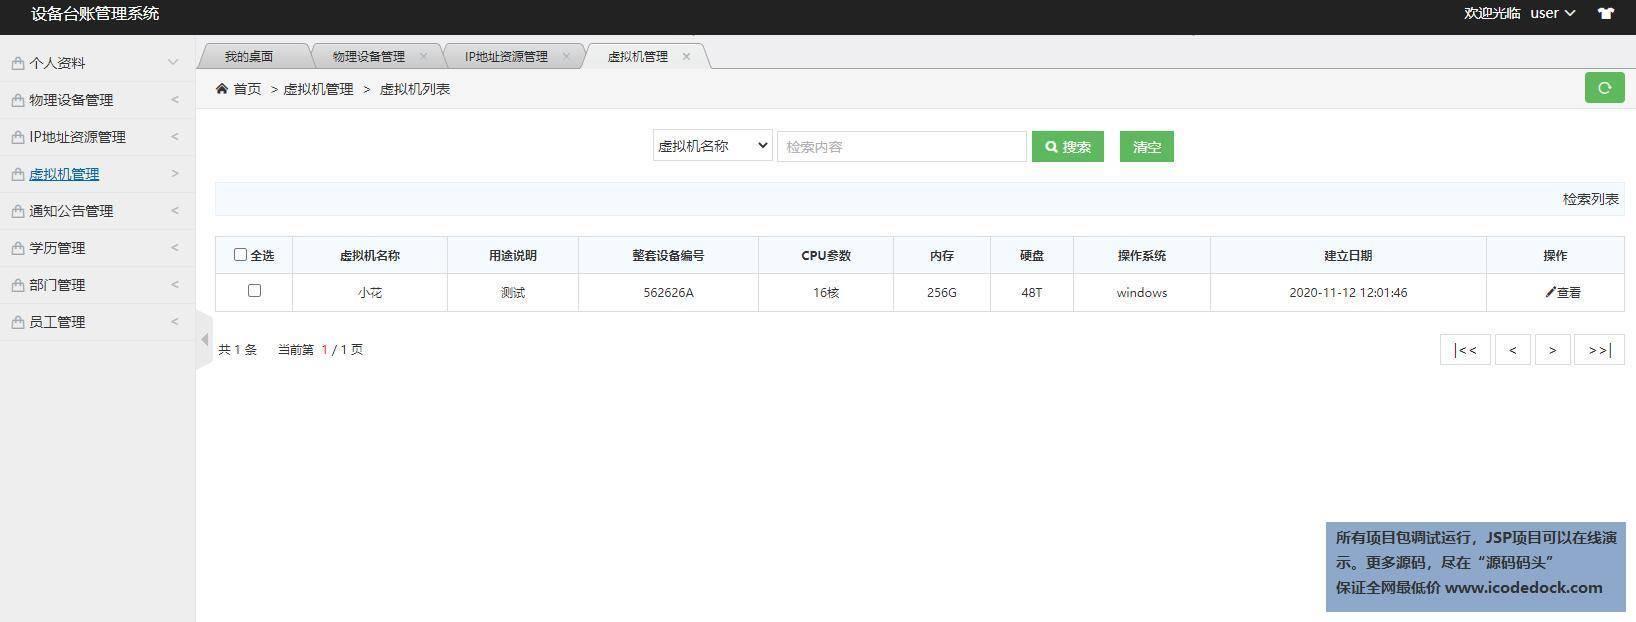 源码码头-SSM设备台账管理系统-员工角色-查看虚拟机